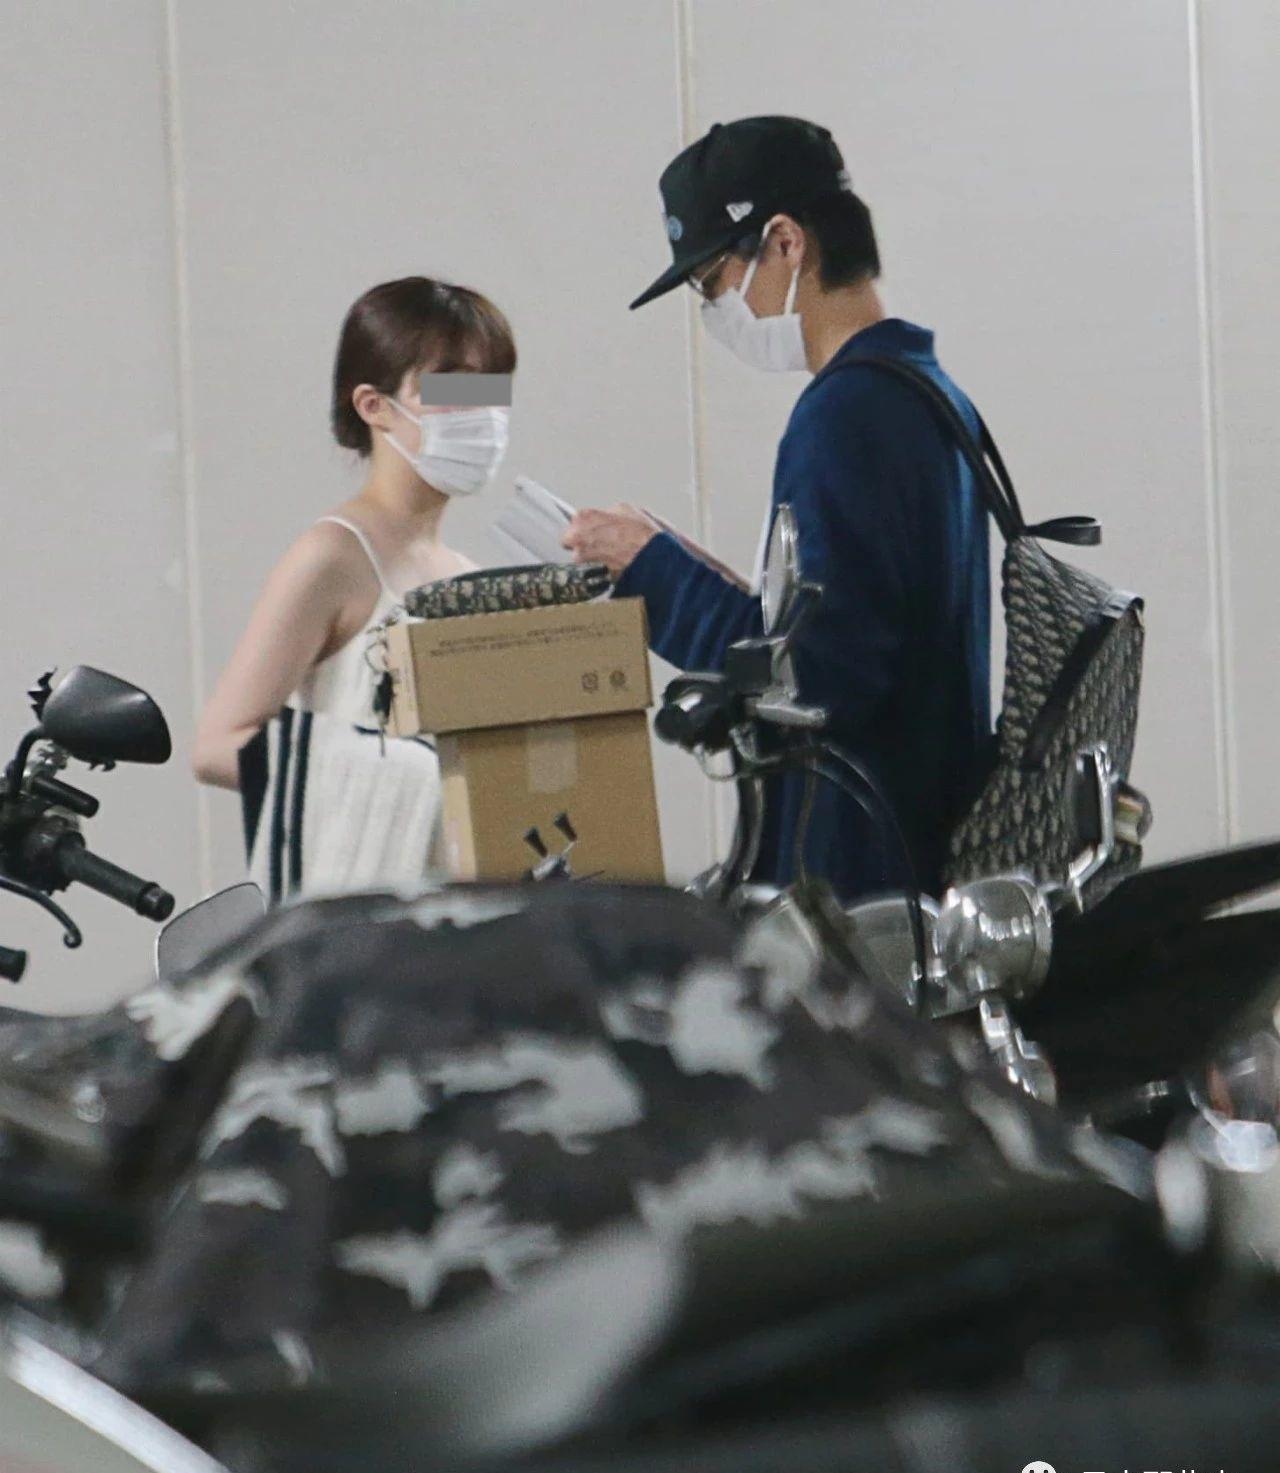 横尾渉亲口承认了恋爱消息以及想要结婚的想法坦诚的让网友心疼 (9)